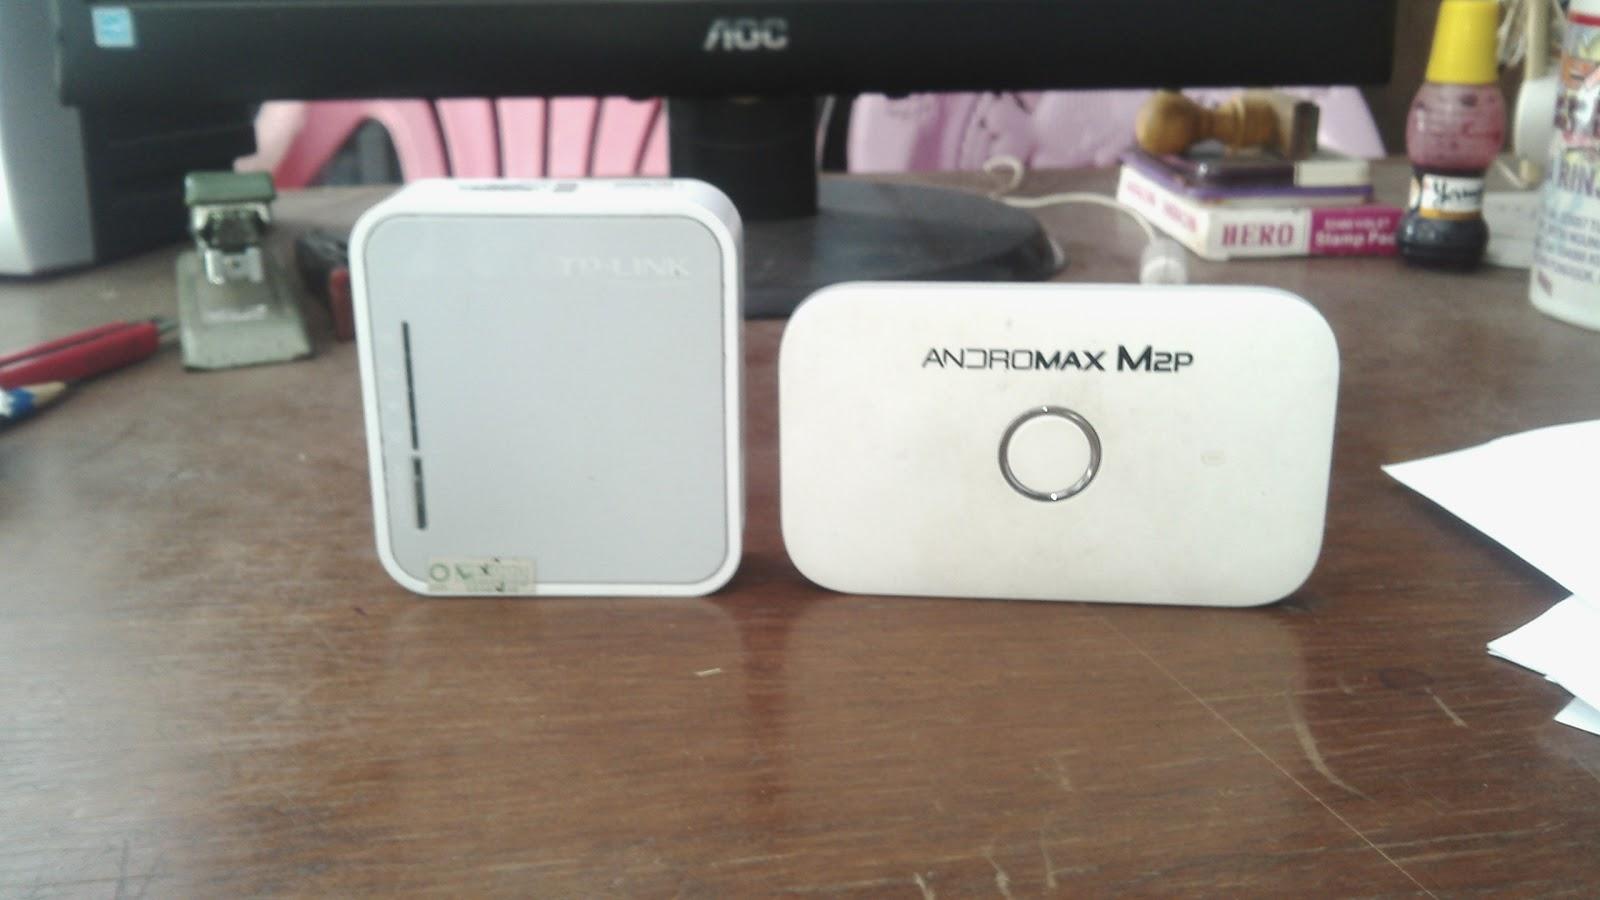 Jual Router 3G 4G TP Link MR3020 Dan Modem Andromax M2P